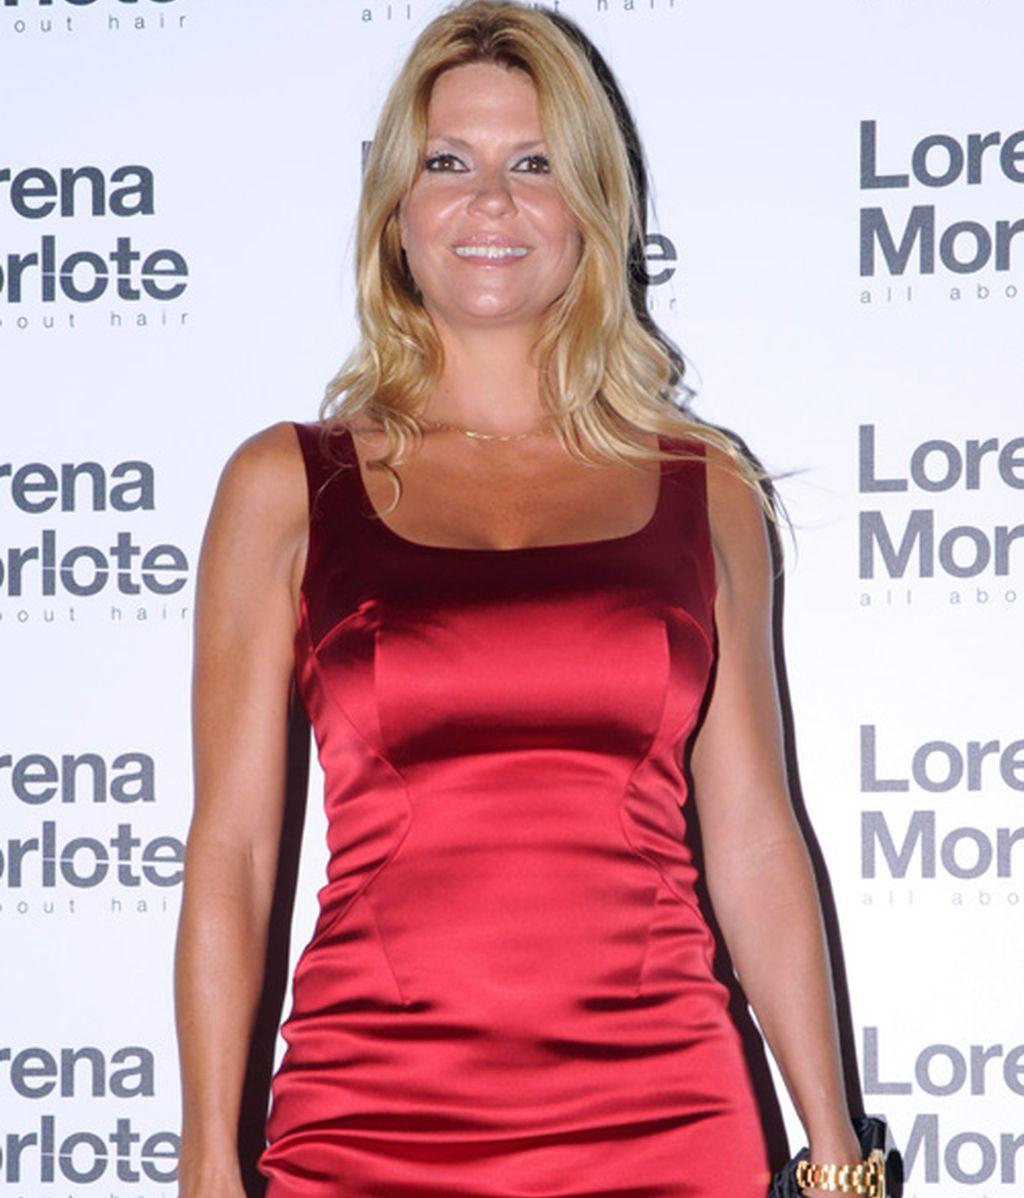 Lorena Morlote en Marbella